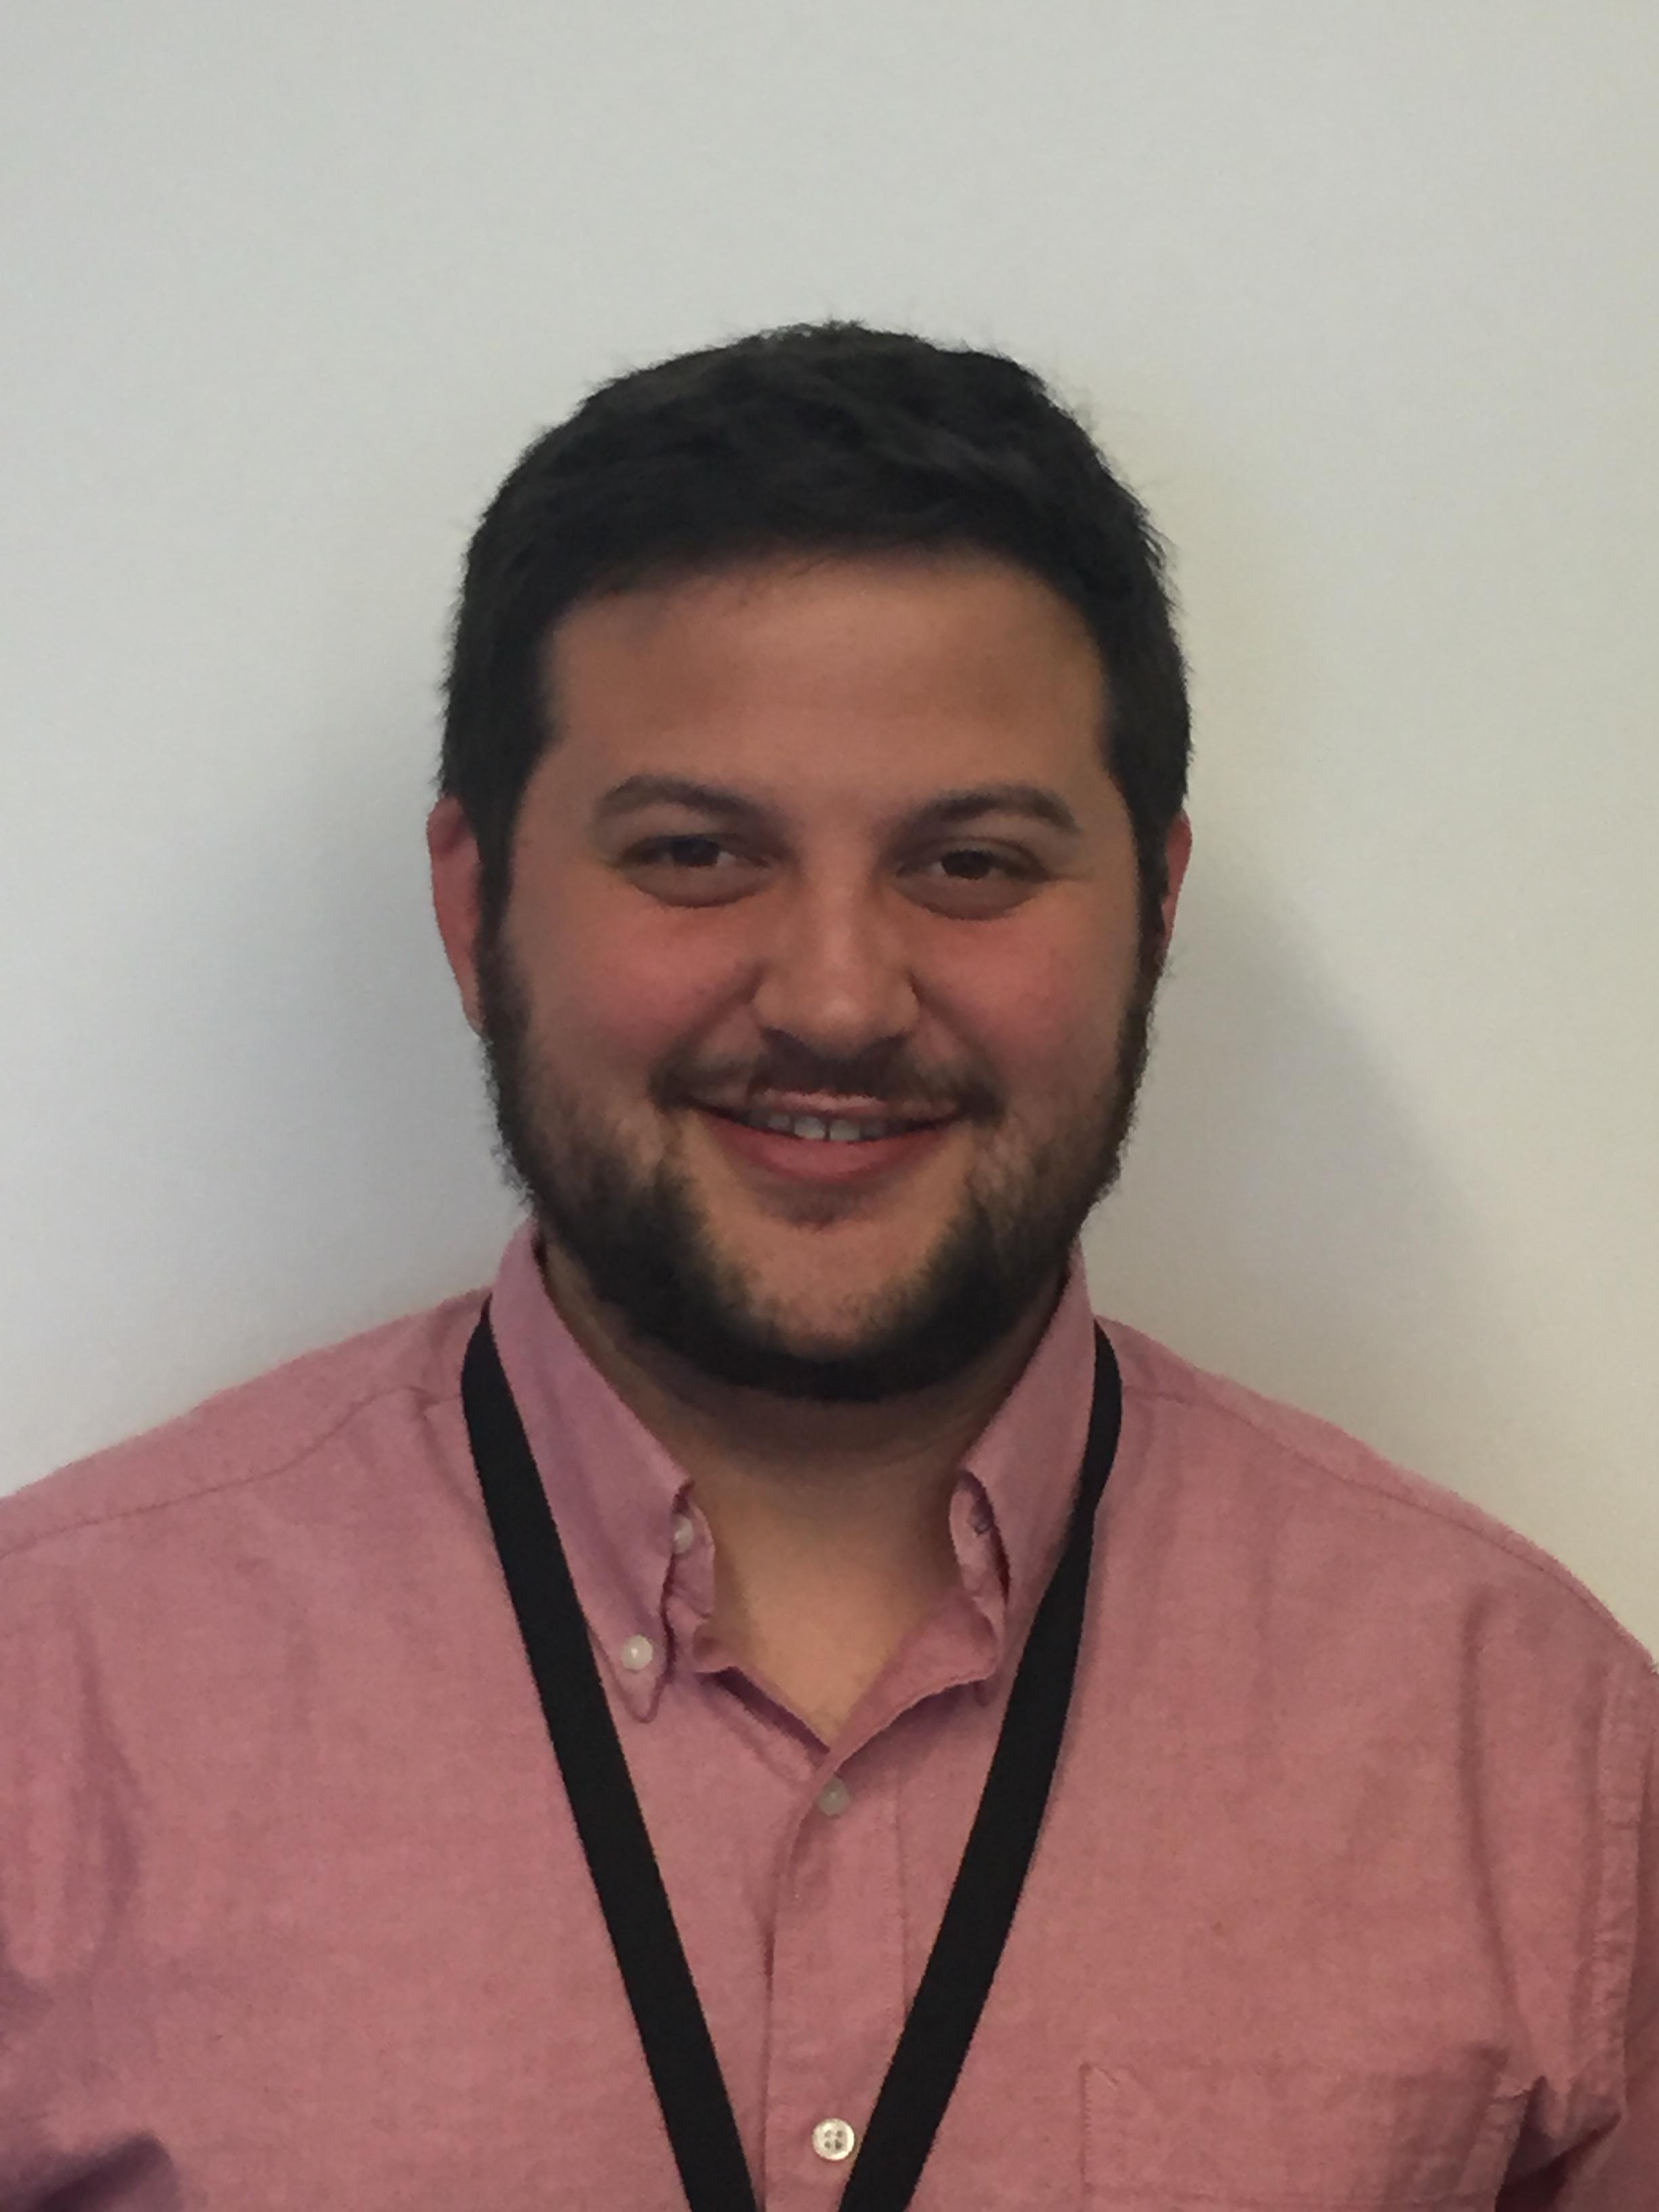 Jason Moskowitz